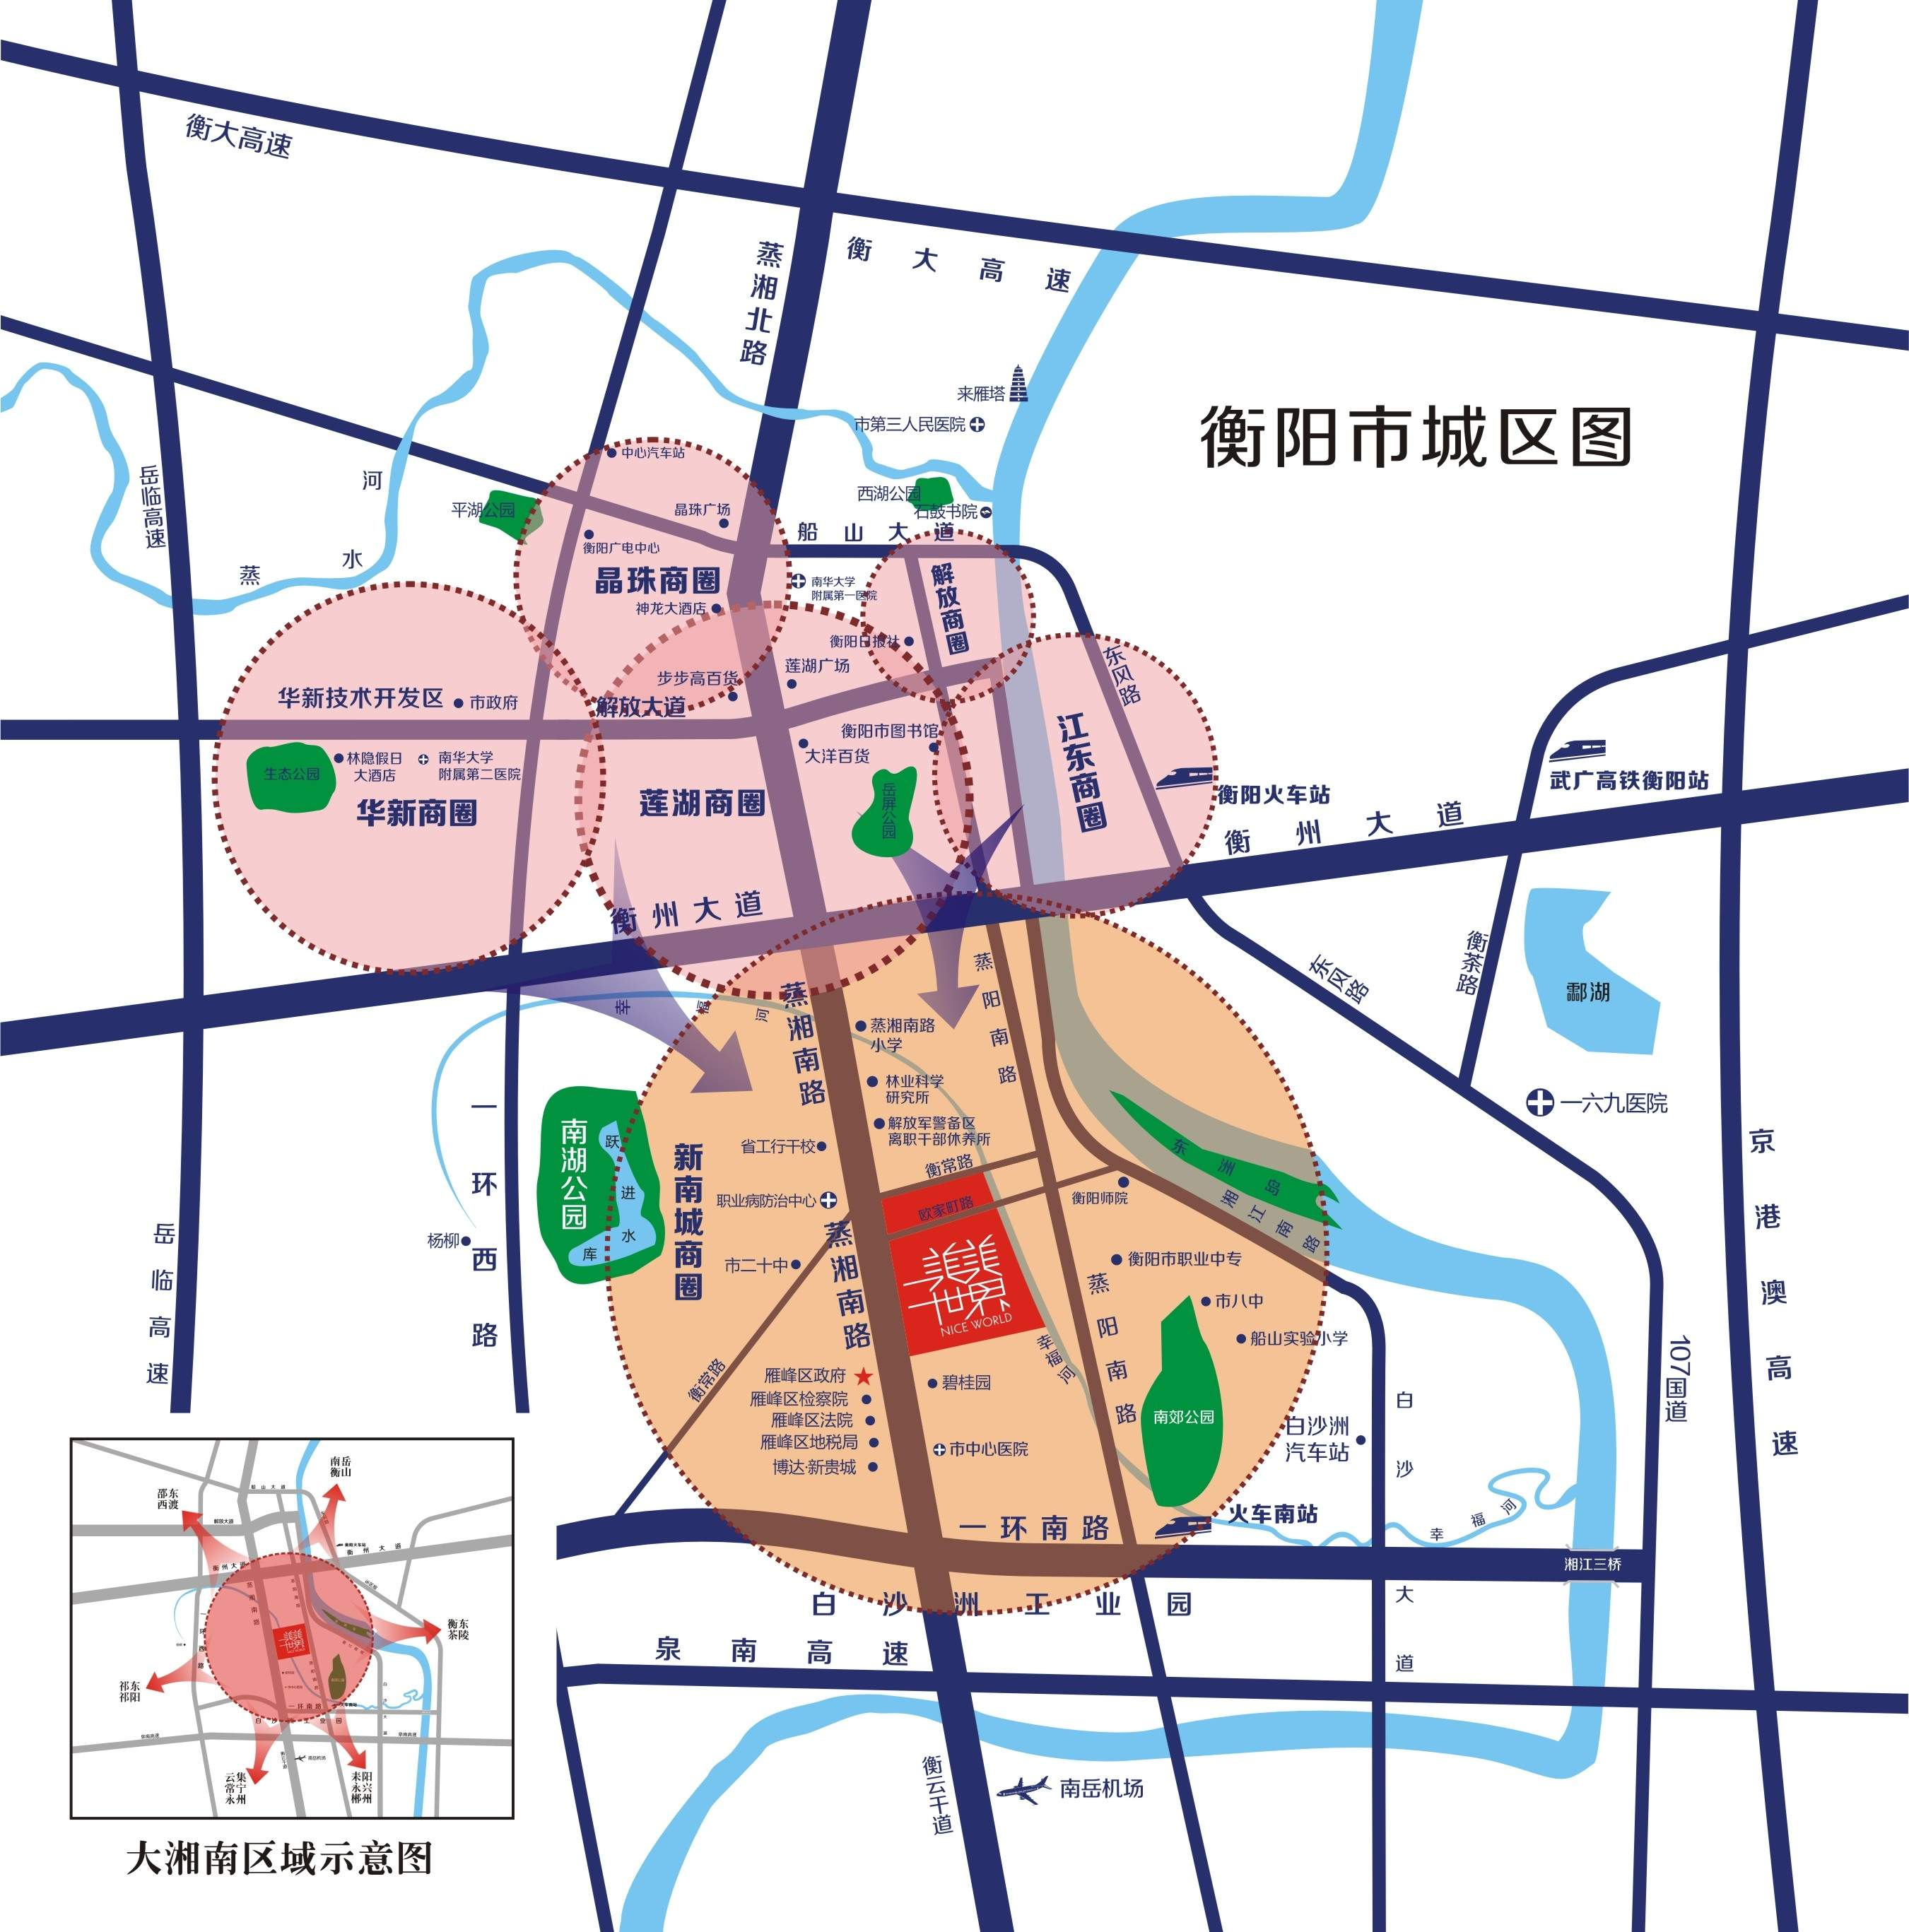 美美世界城市商业广场位置图